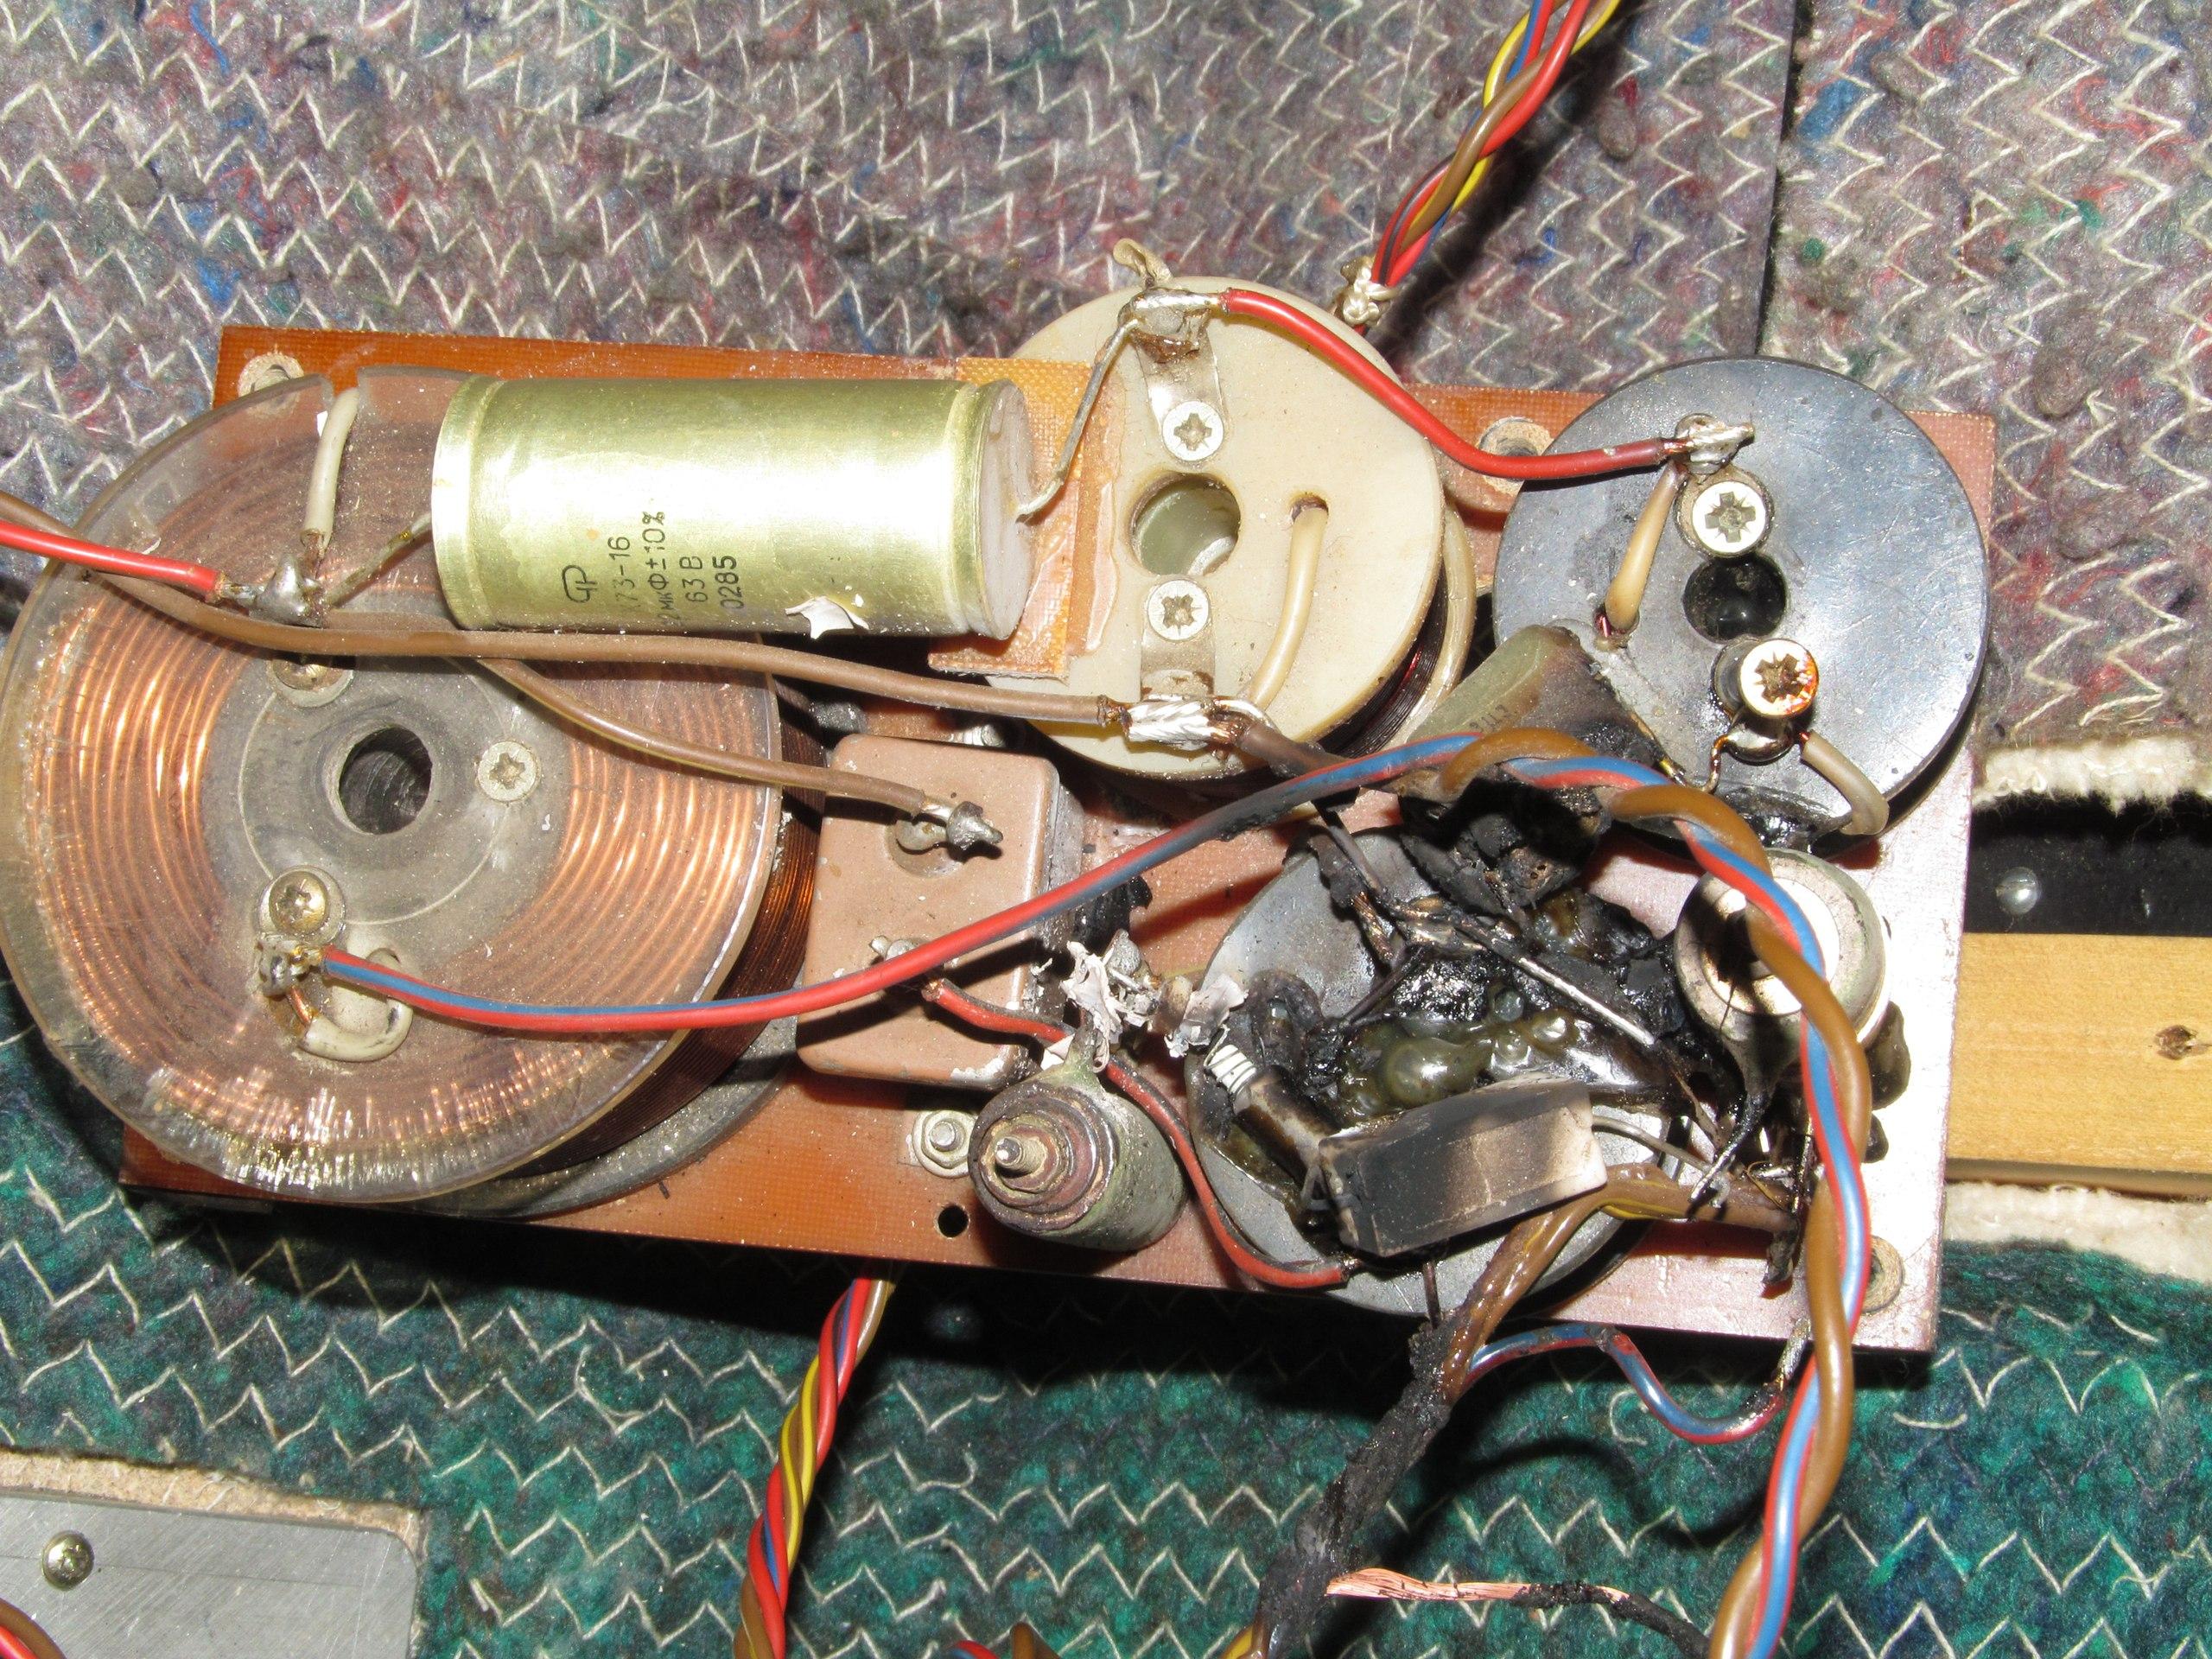 радиомикрофон biema инструкция